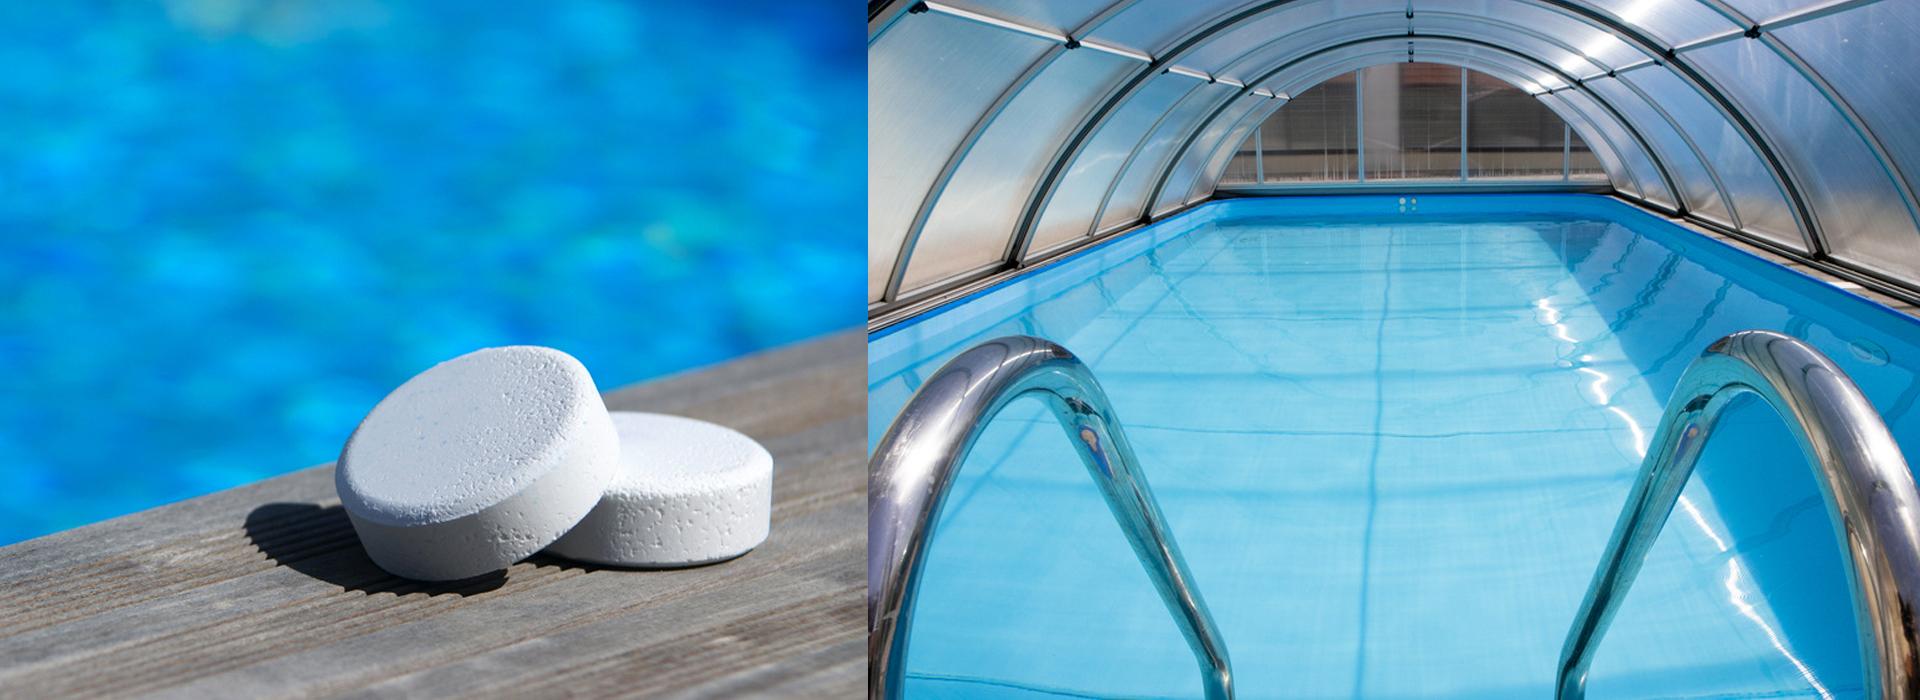 Ordenanza reguladora de las condiciones higi nico for Mantenimiento de piscinas madrid